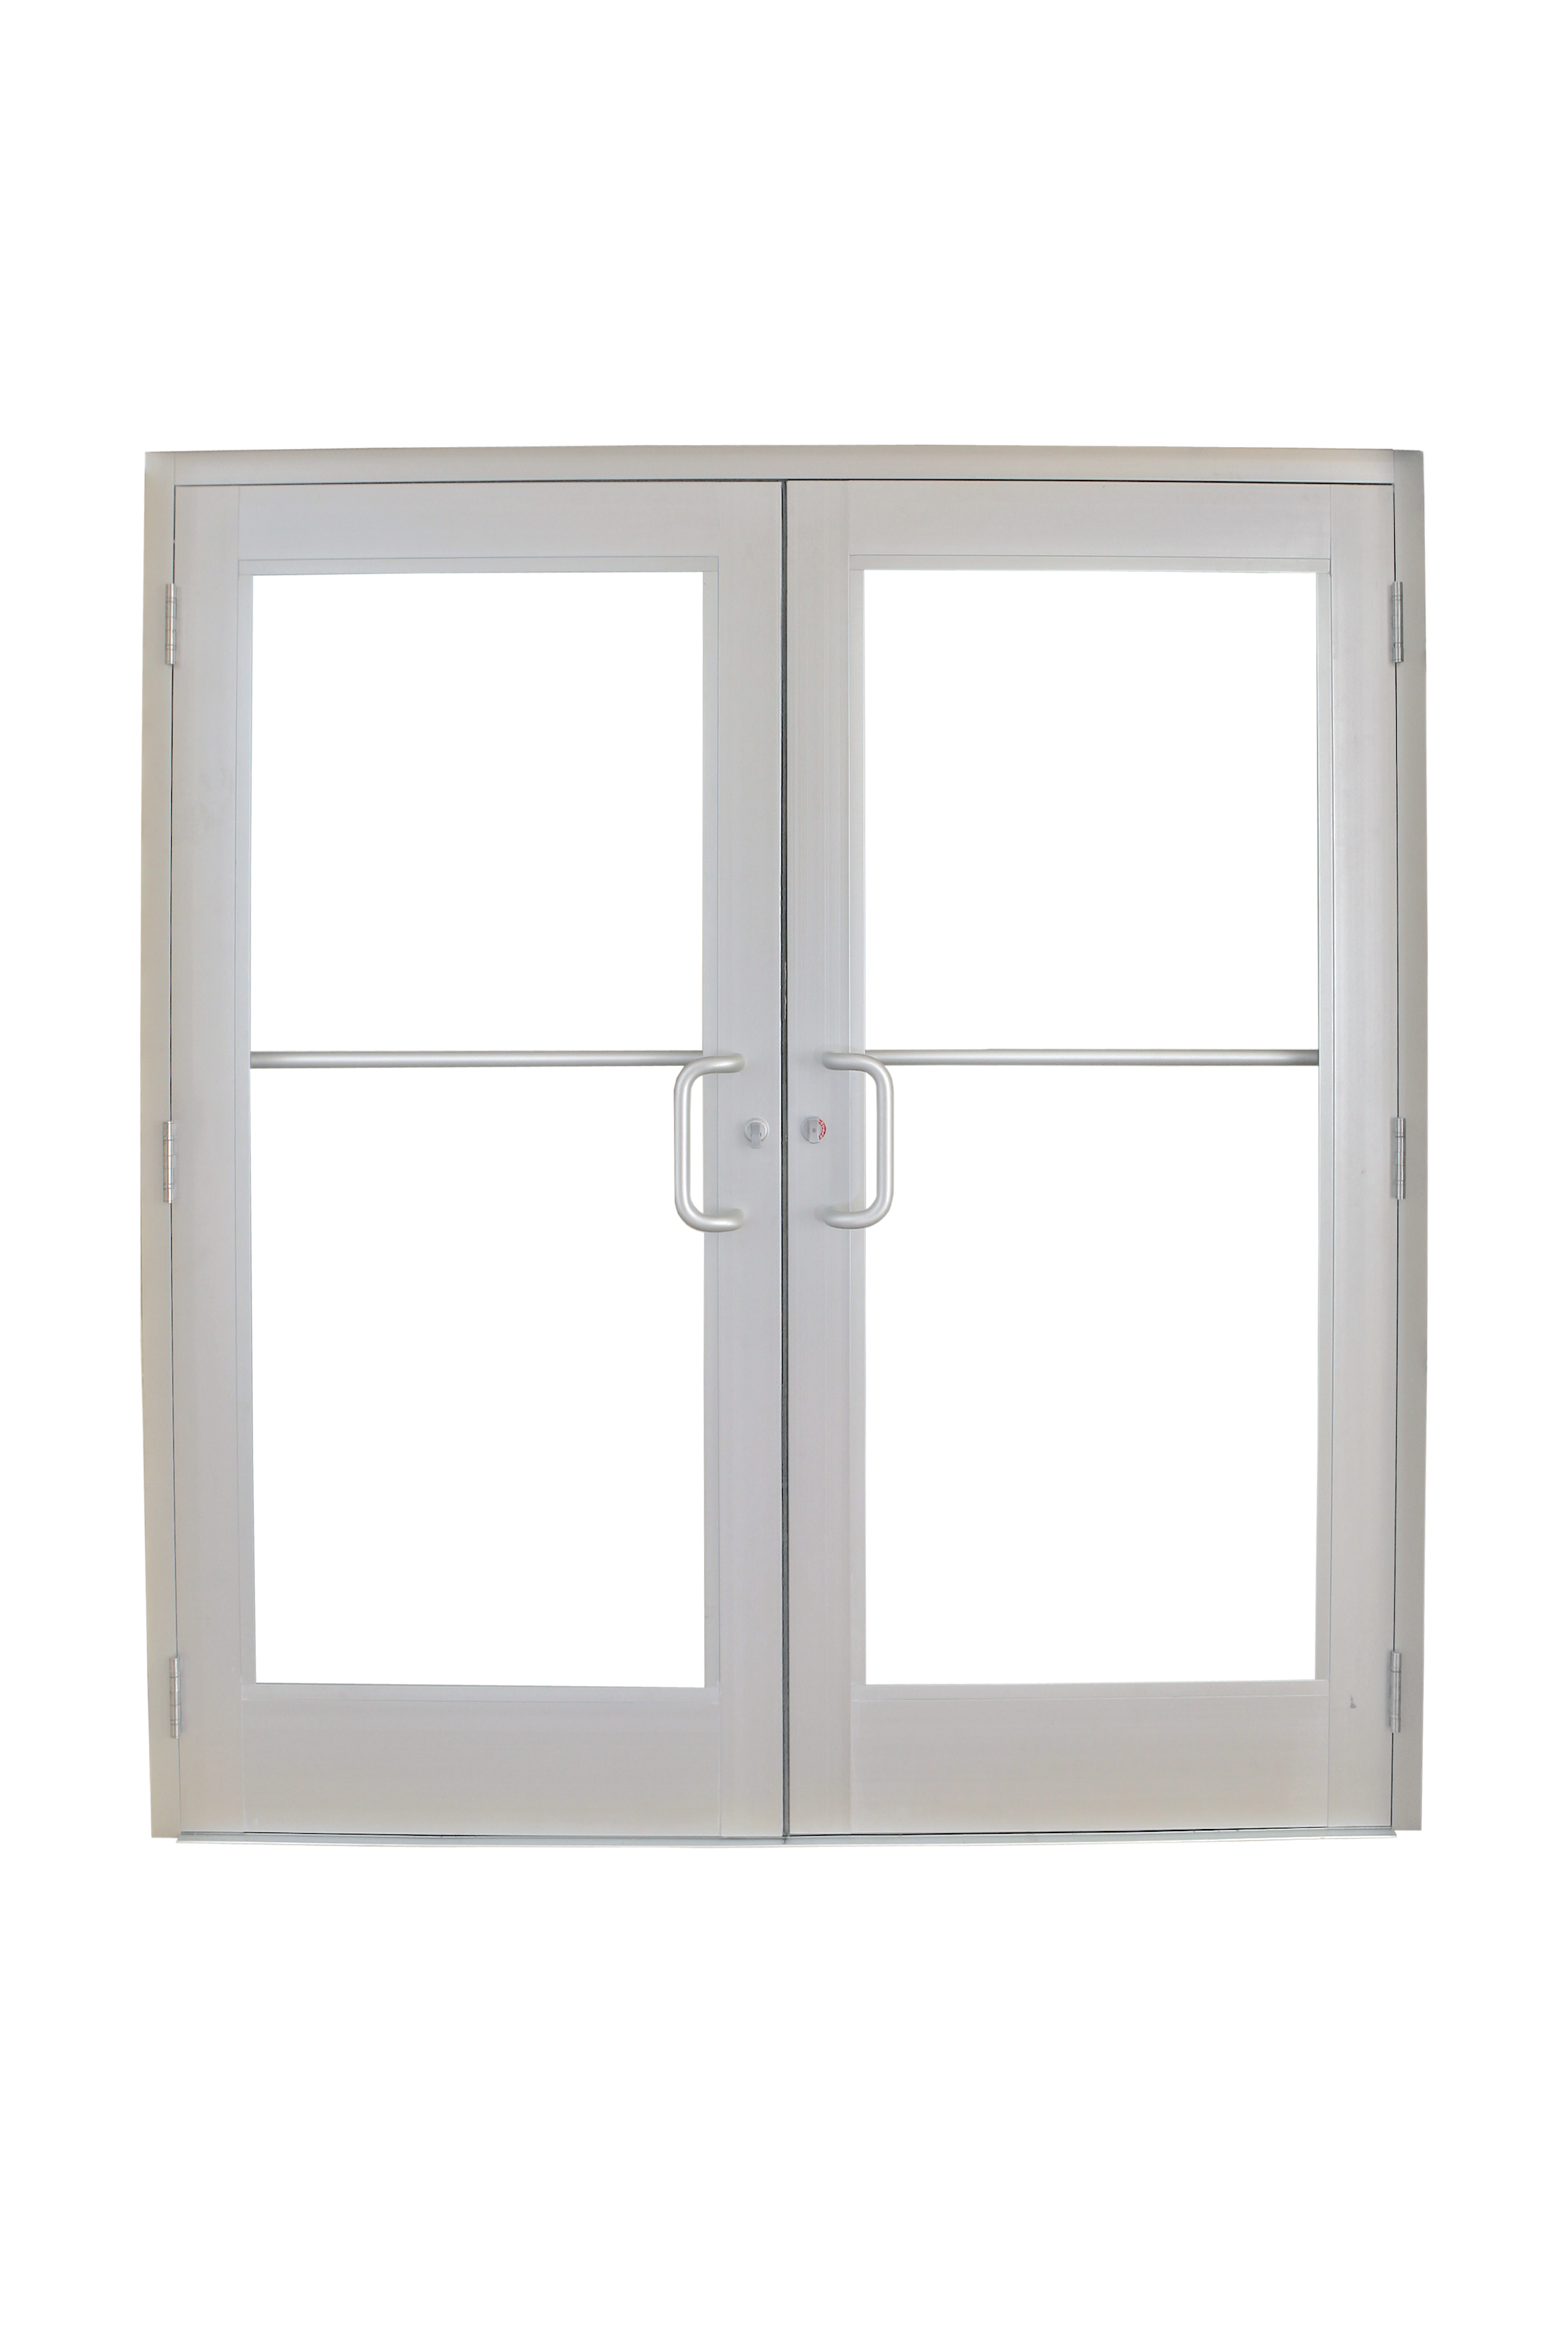 Entry Door Se3550 Storefront French Door Impact Resistant